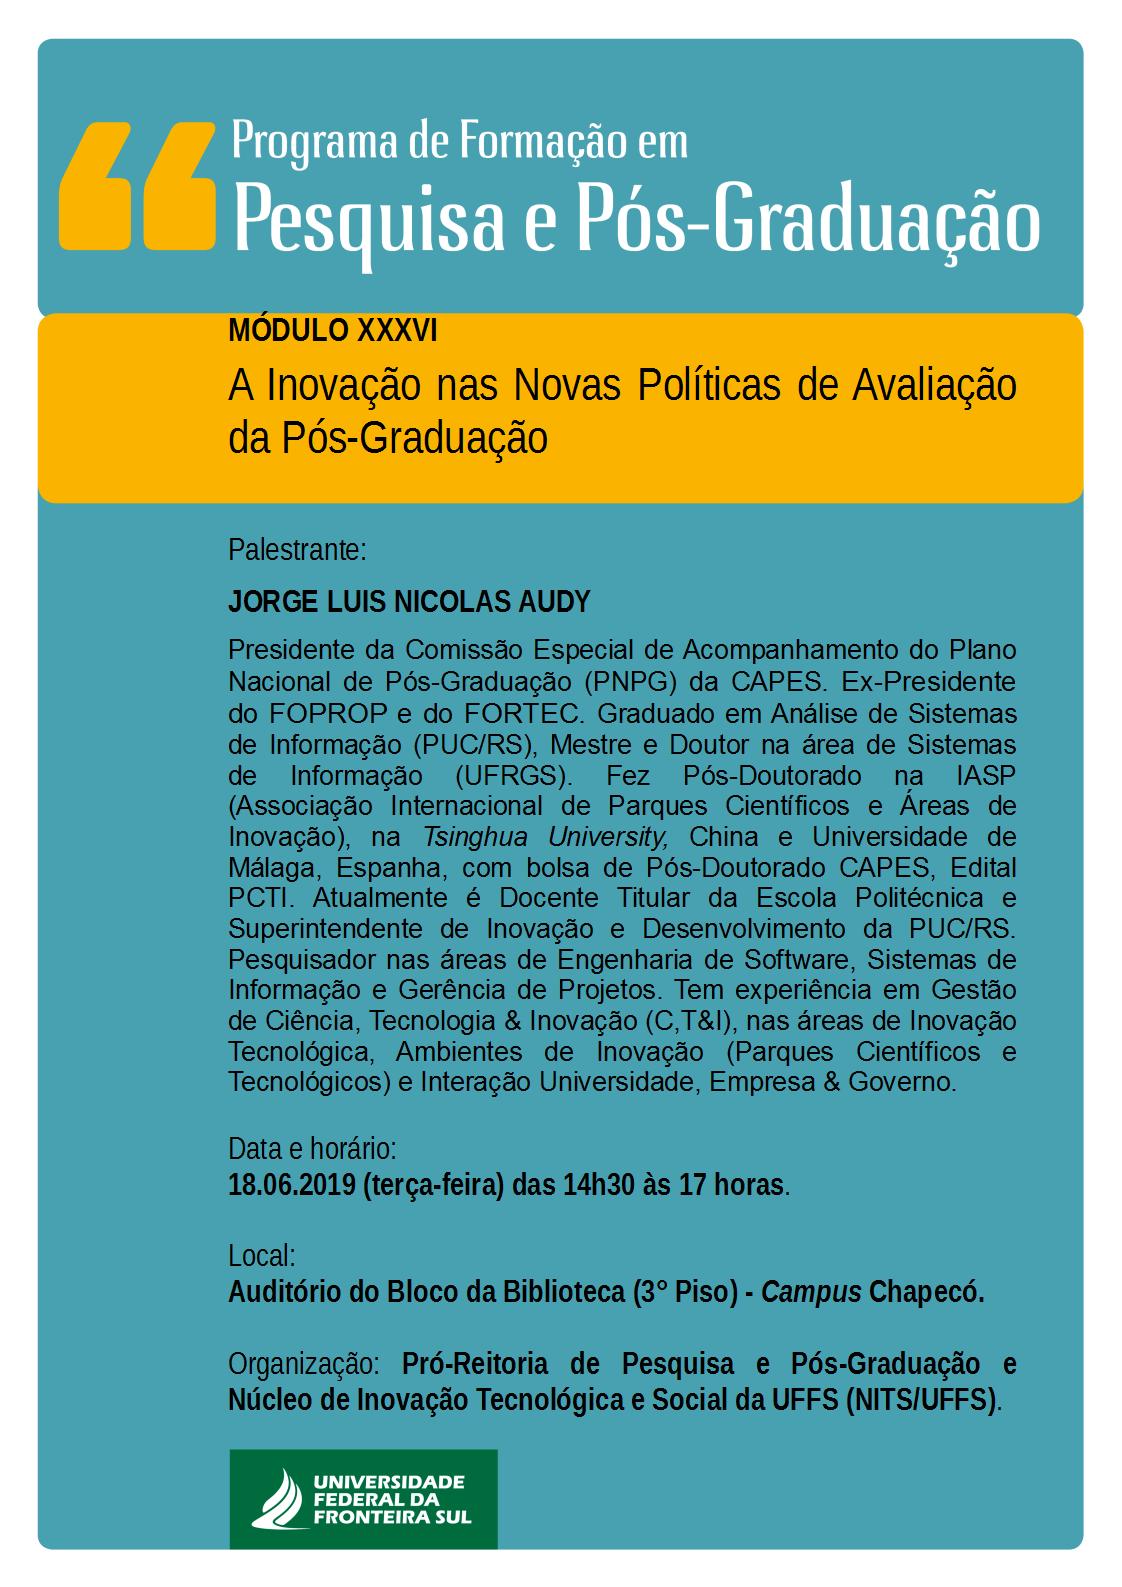 Cartaz com informações sobre palestra A Inovação nas Novas Políticas de Avaliação da Pós-Graduação